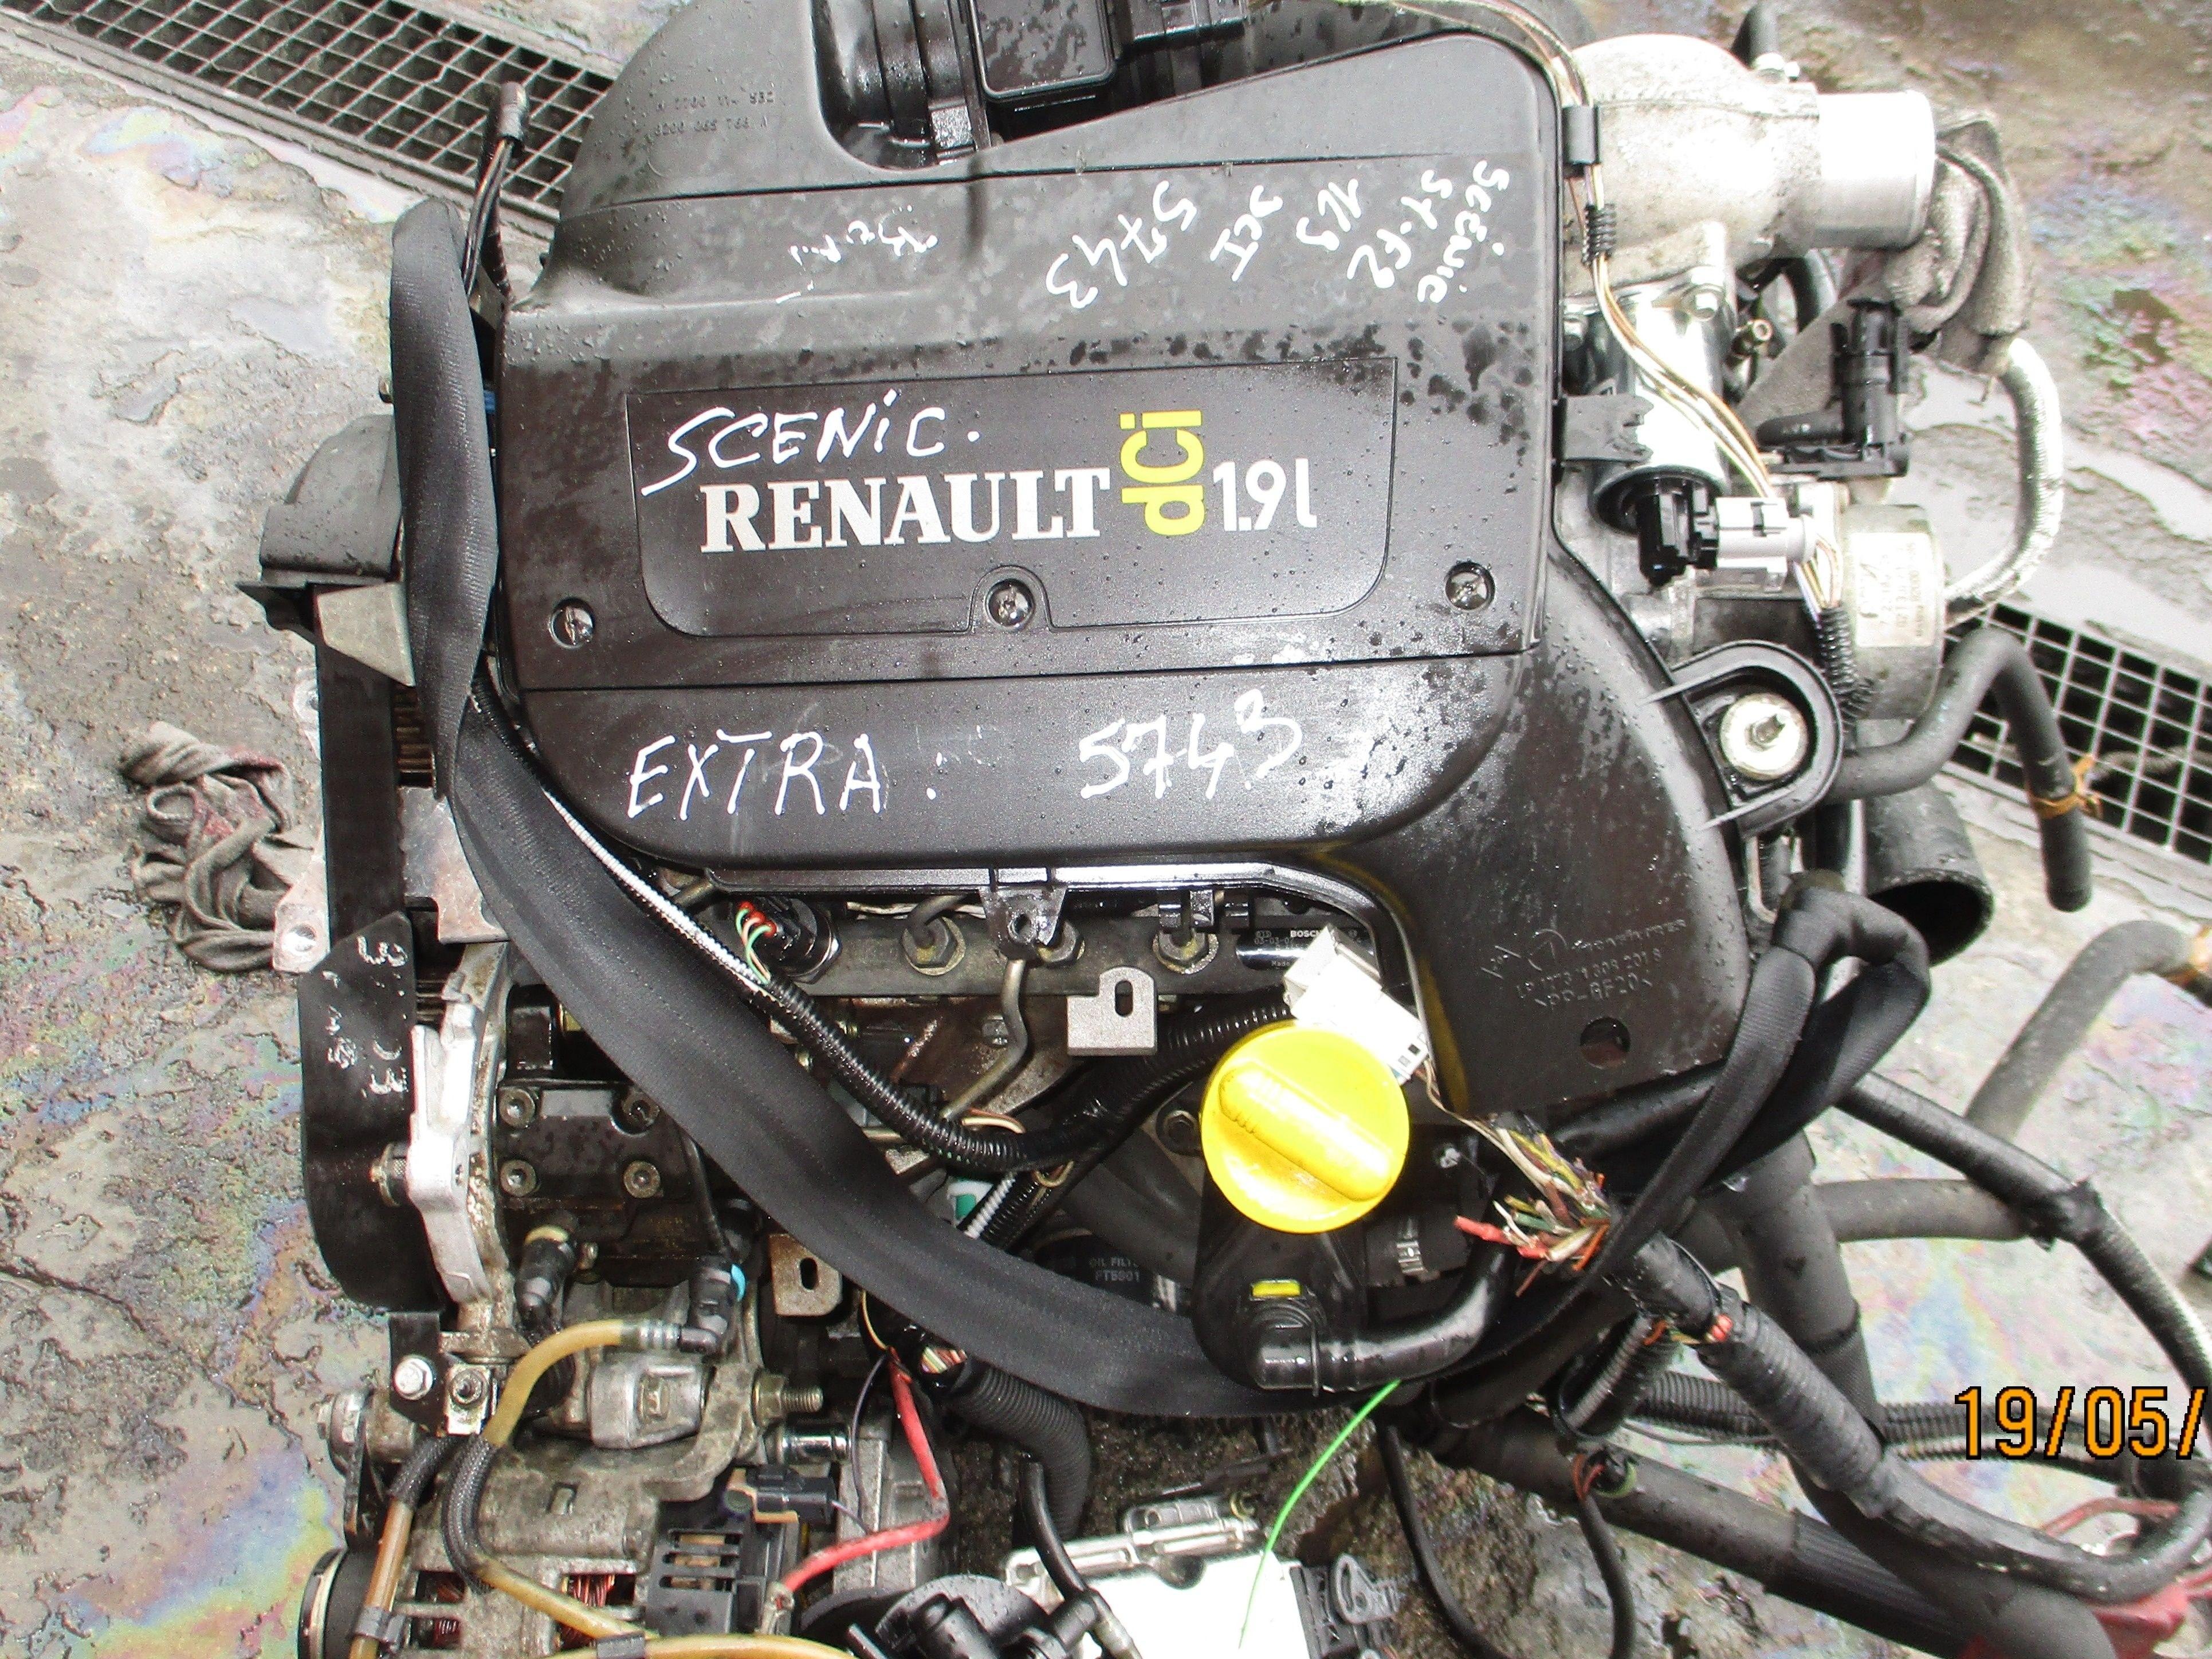 MOTEUR SENIC 1900 DCI 100 CV